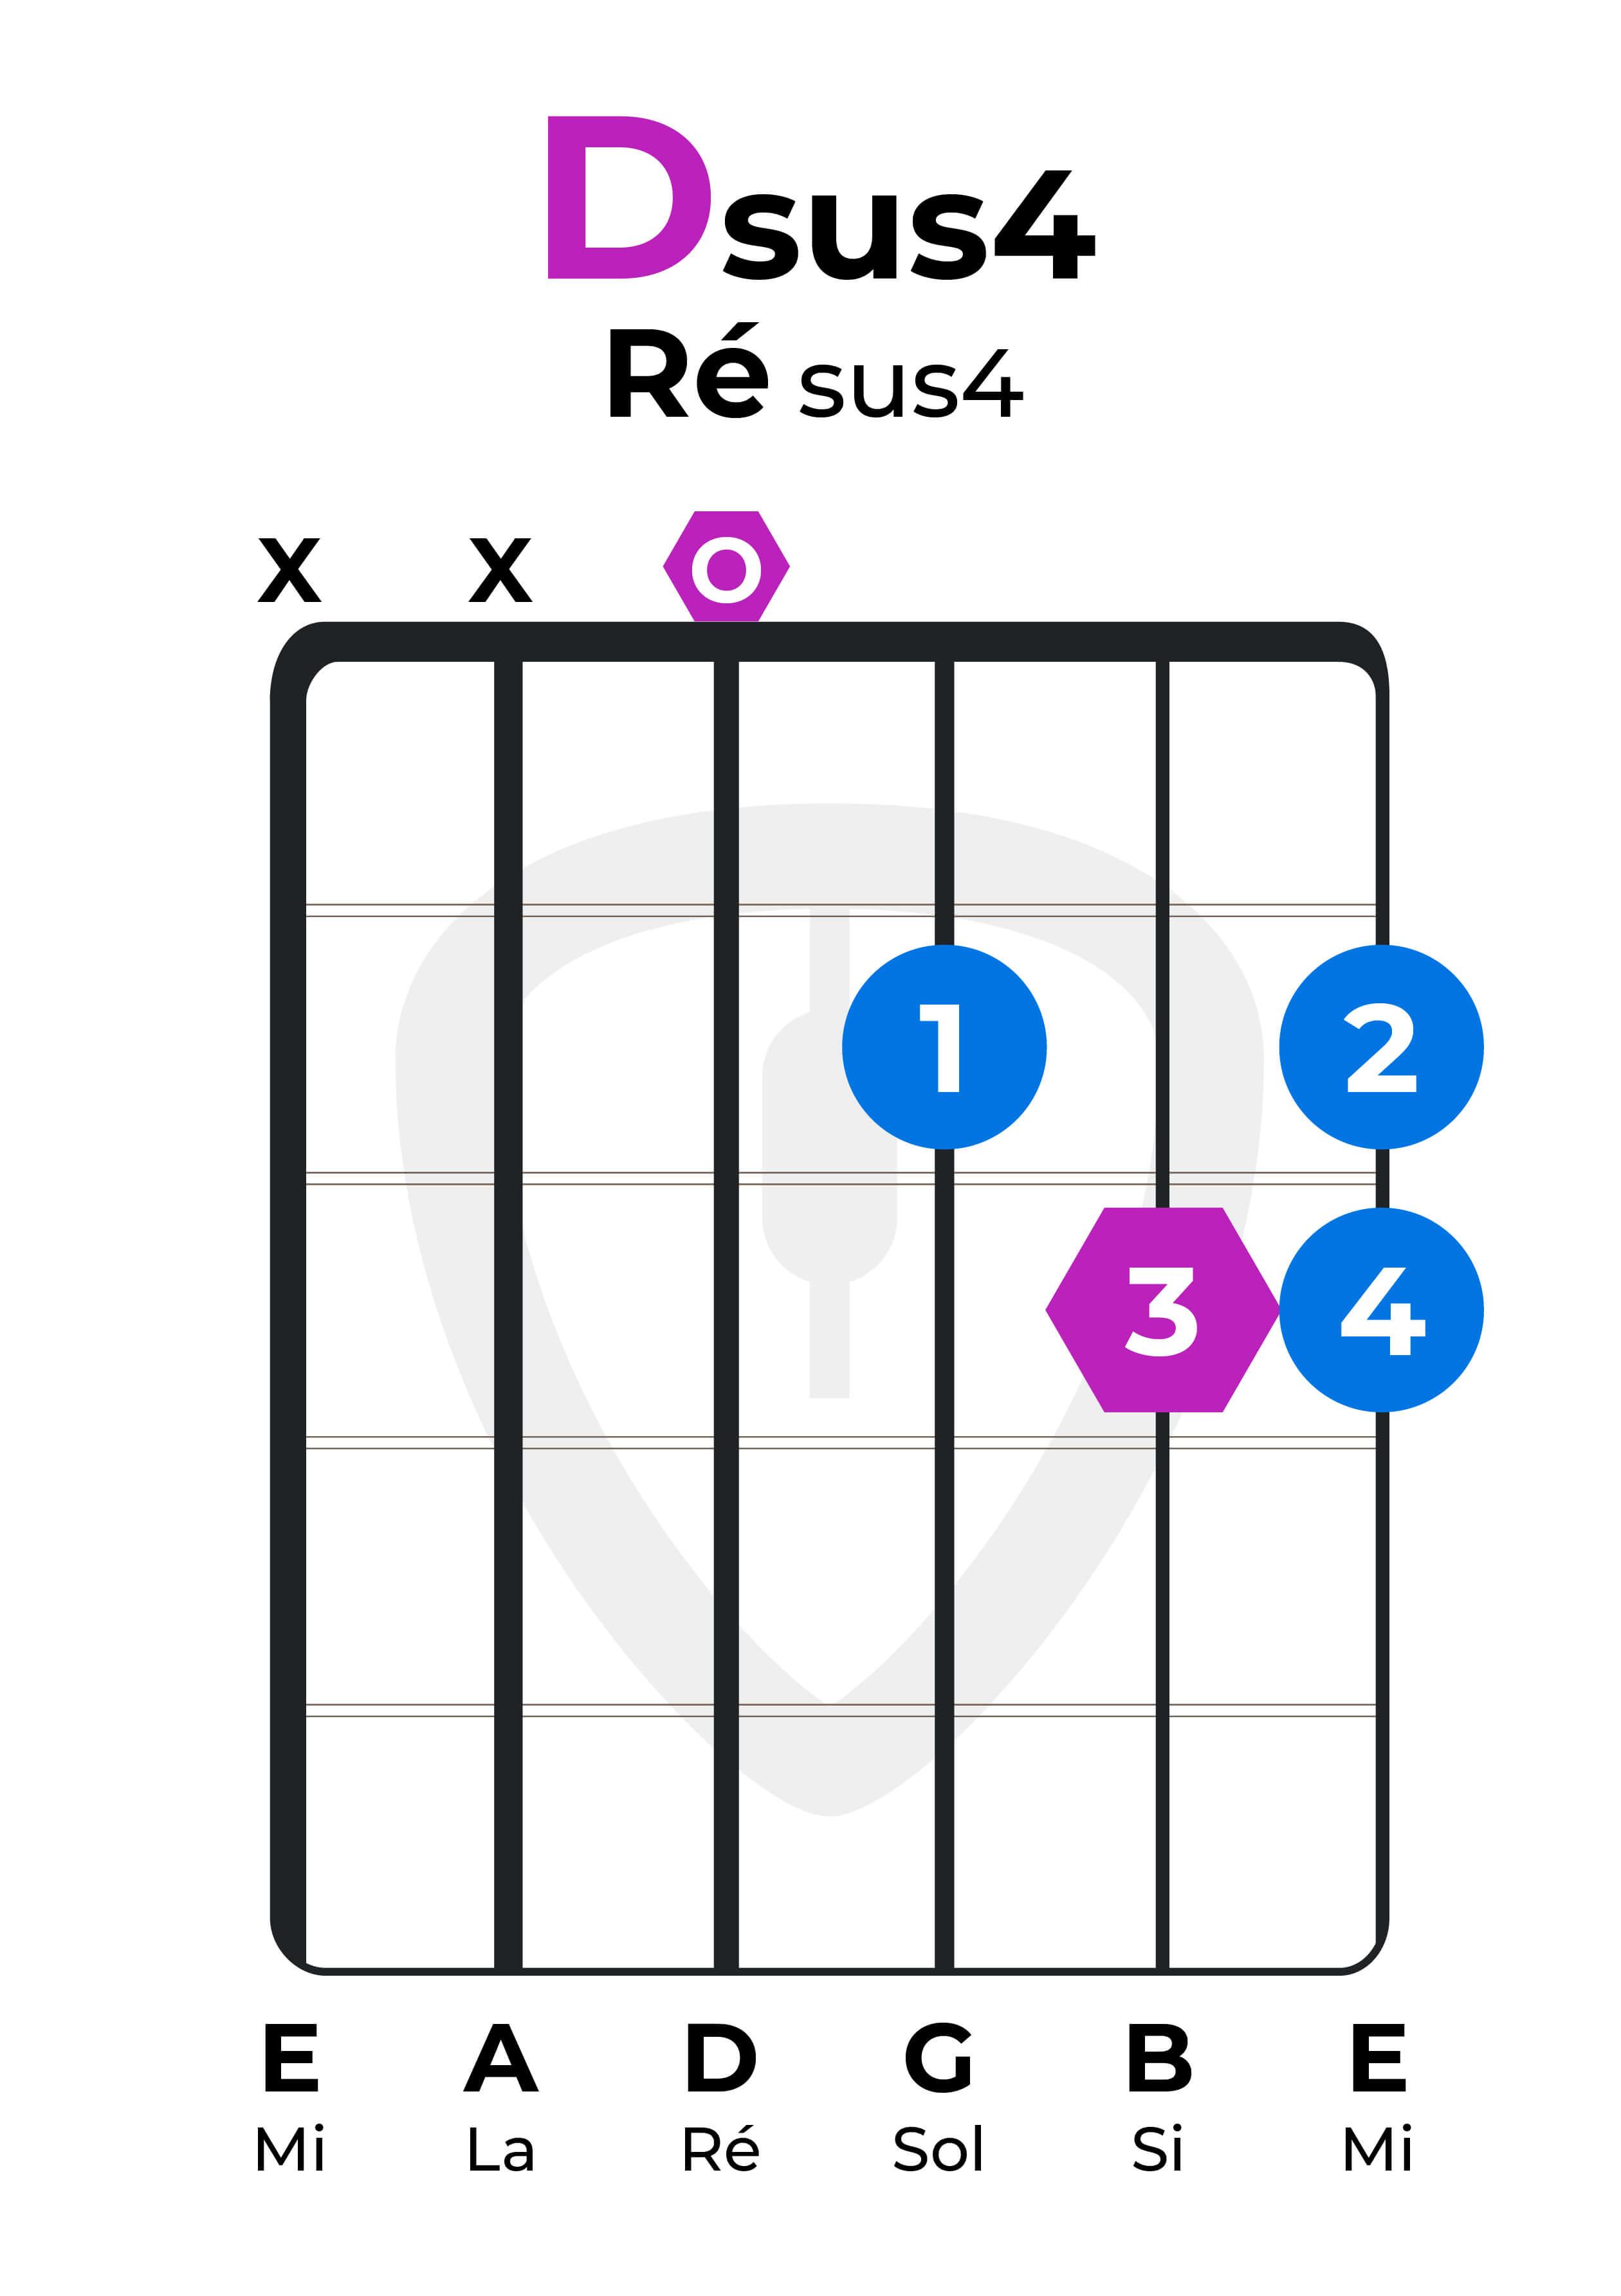 dictionnaire accords guitare Ré sus4 Dsus4